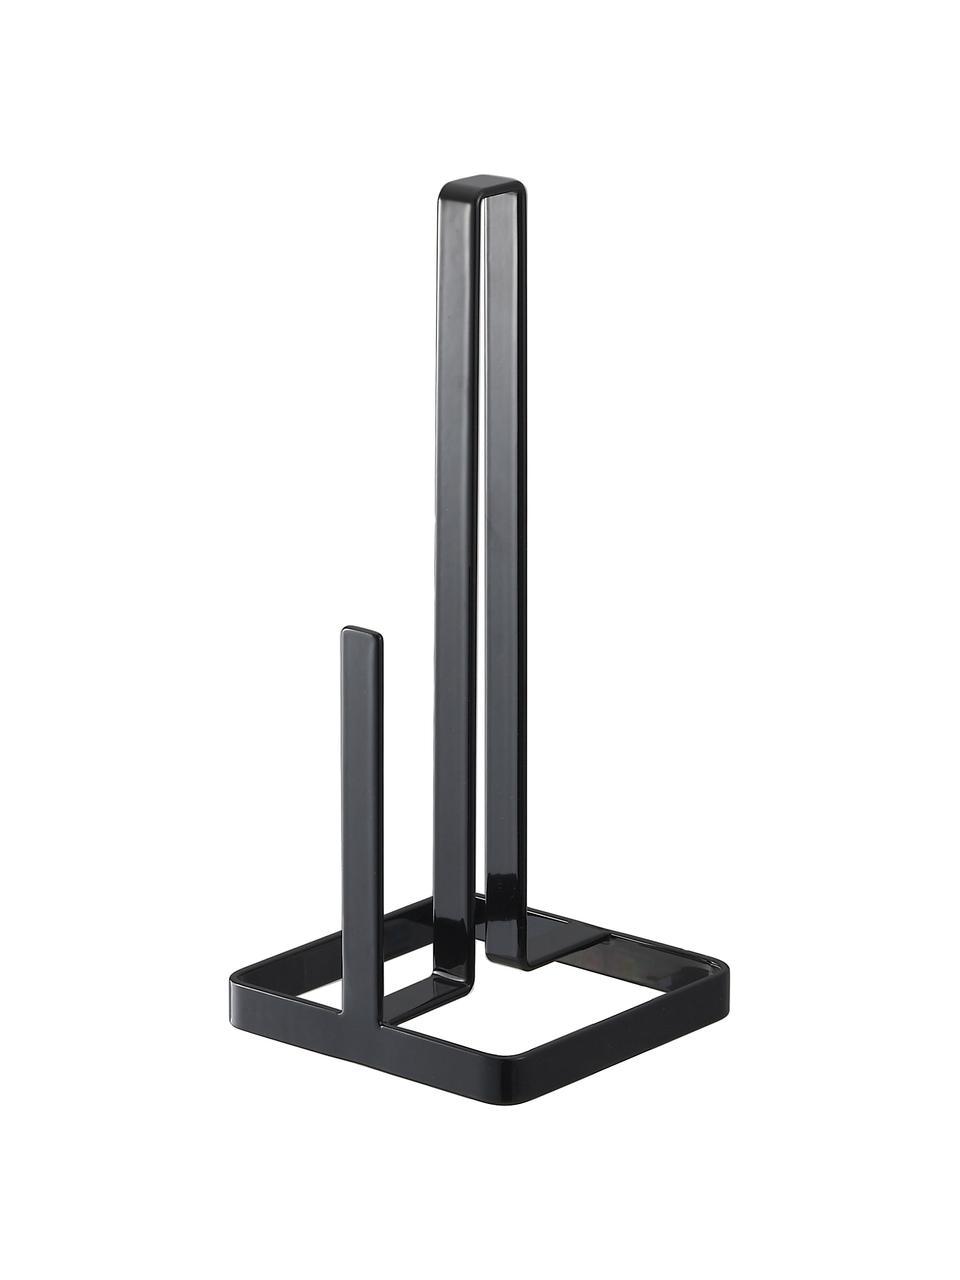 Stojak na ręcznik papierowy Tower, Stal powlekana, Czarny, S 11 x W 27 cm